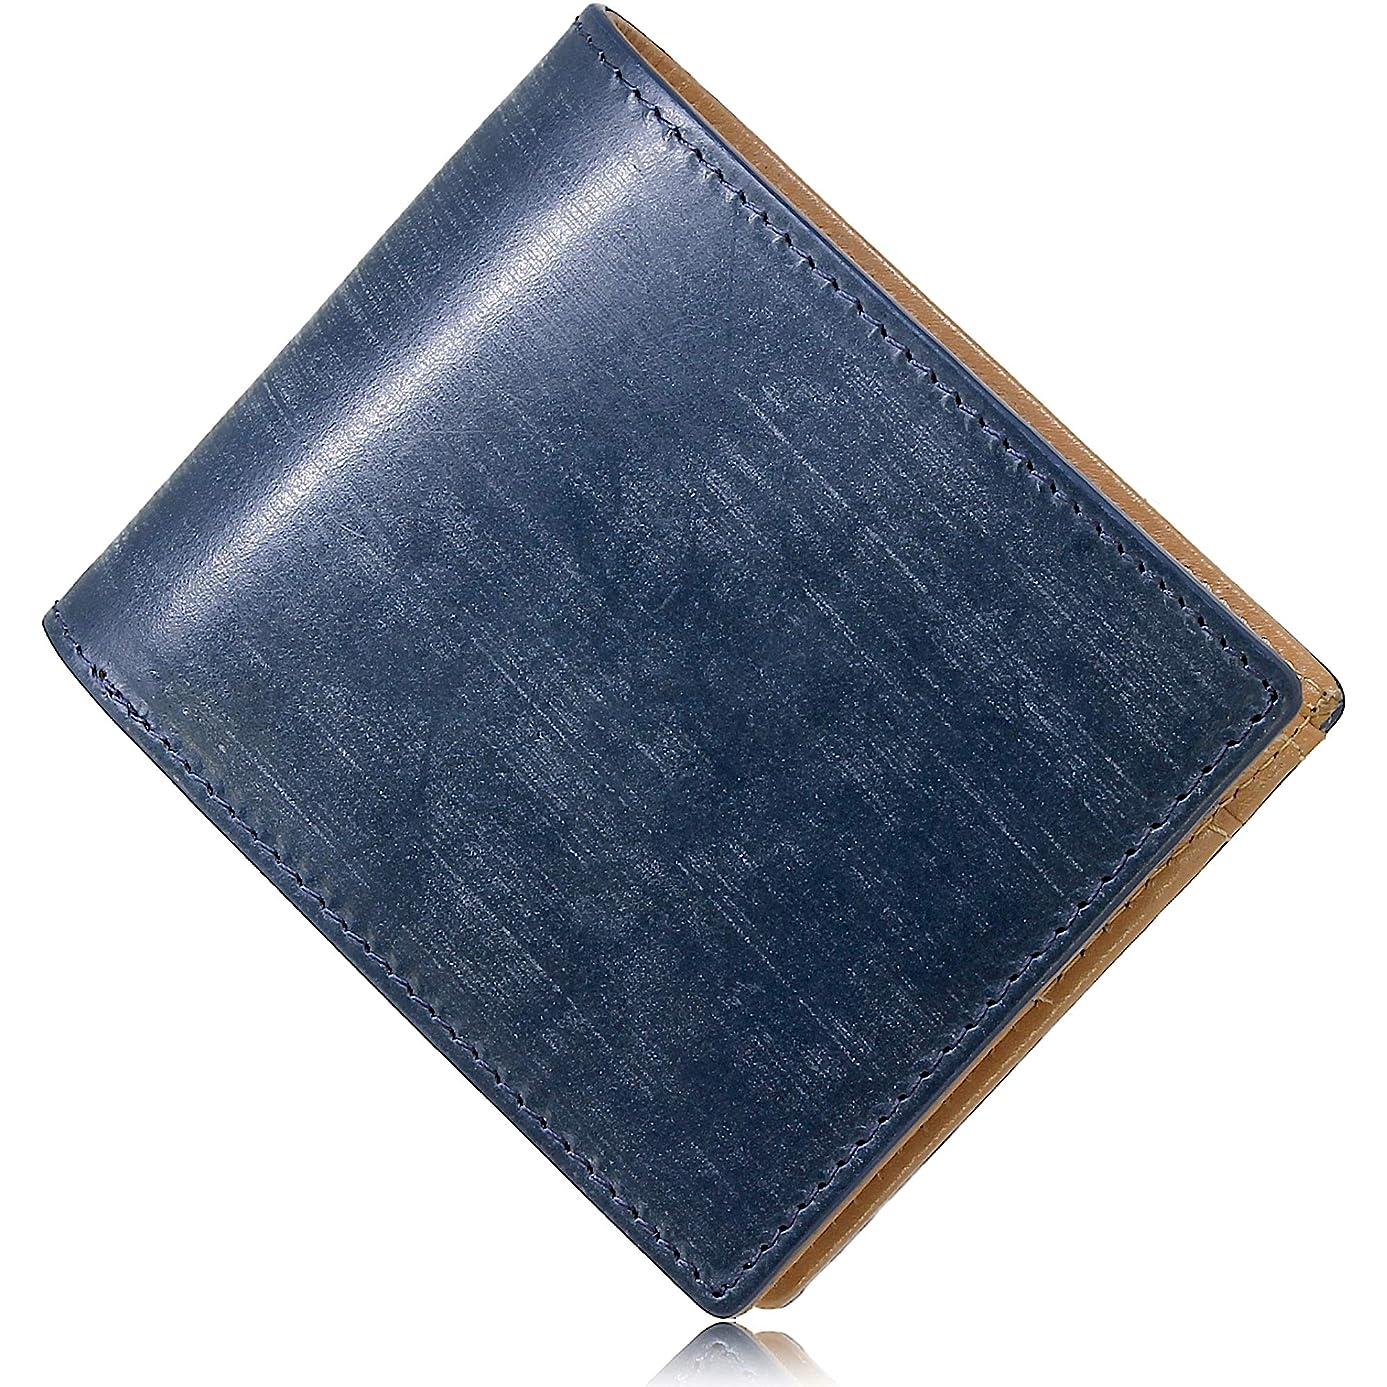 晴れレイプ解放財布 1840年創業の英国トーマス社 ブライドルレザー 二つ折り財布 メンズ 日本製 WL14